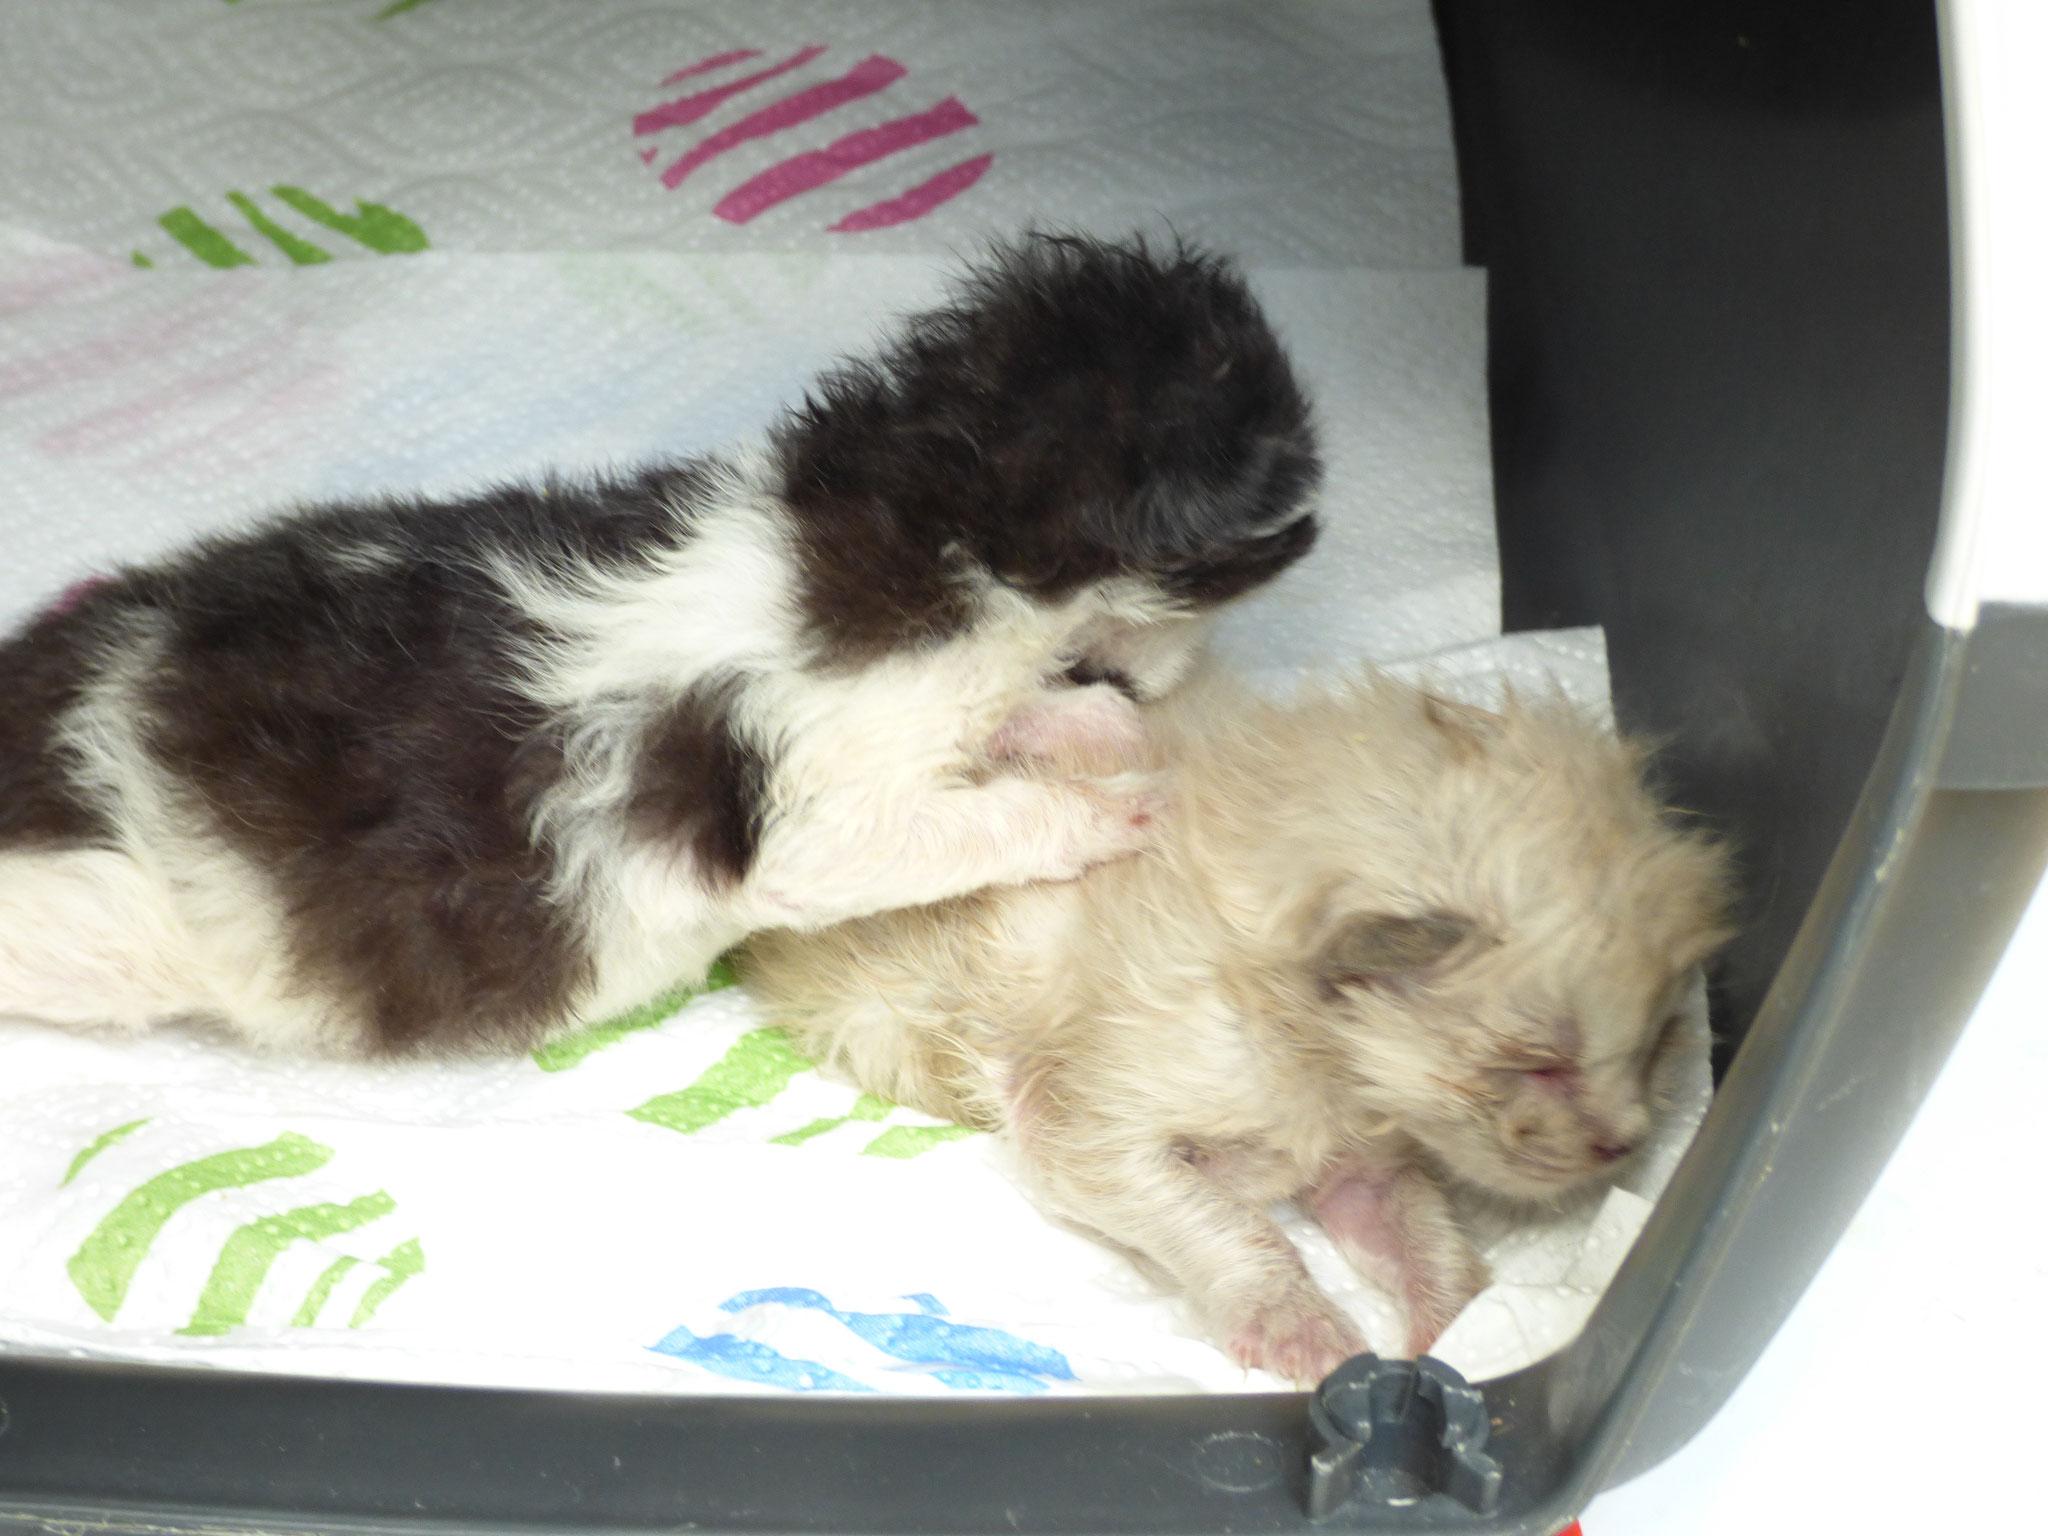 Kleine Hunde und Katzen Babys werden einfach ausgesetzt, vergiftet oder erschlagen.